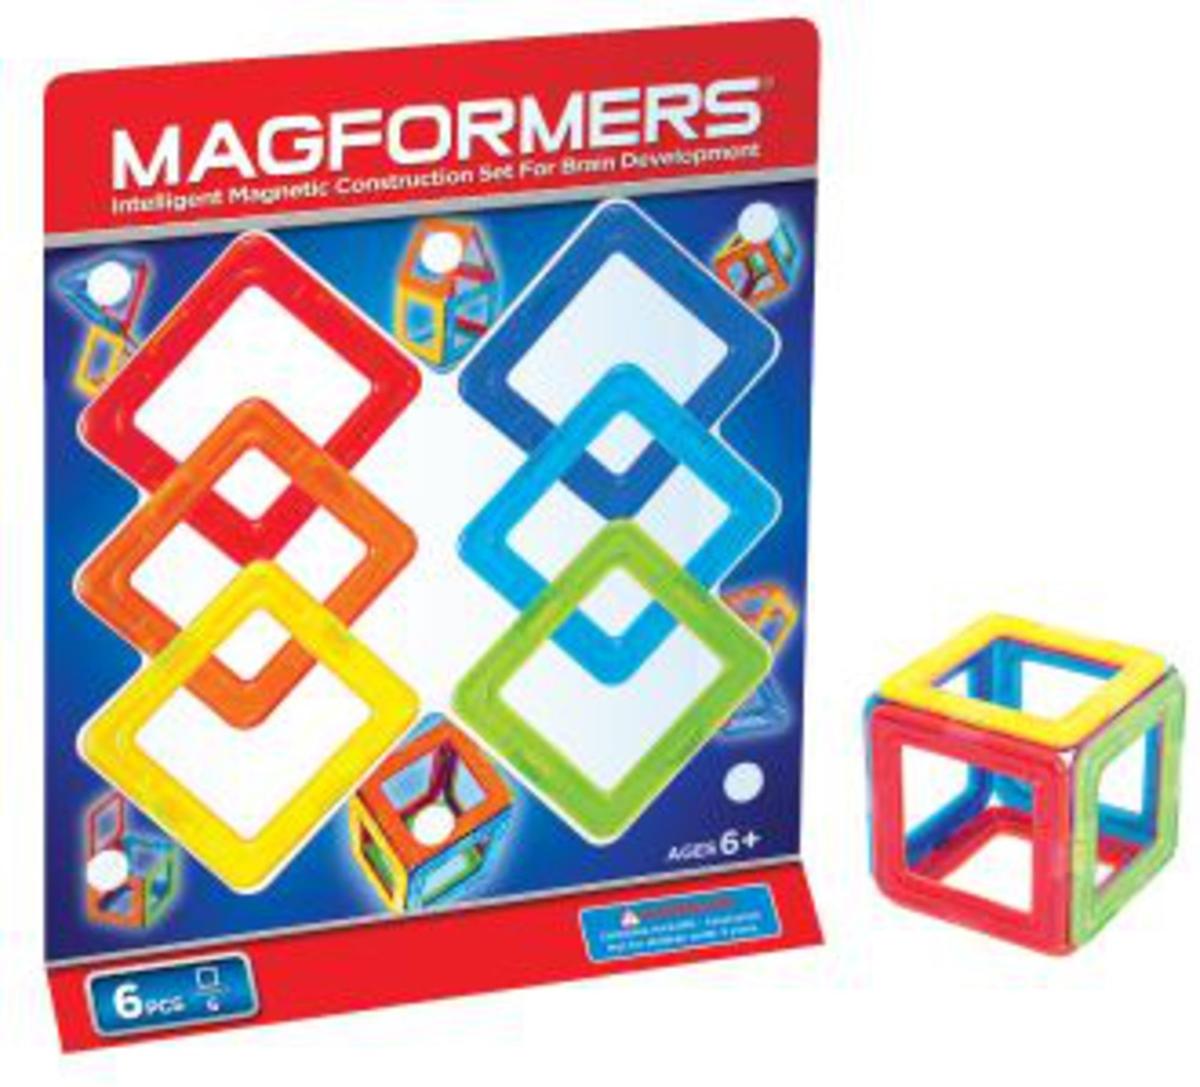 Magformers Byggsats 6